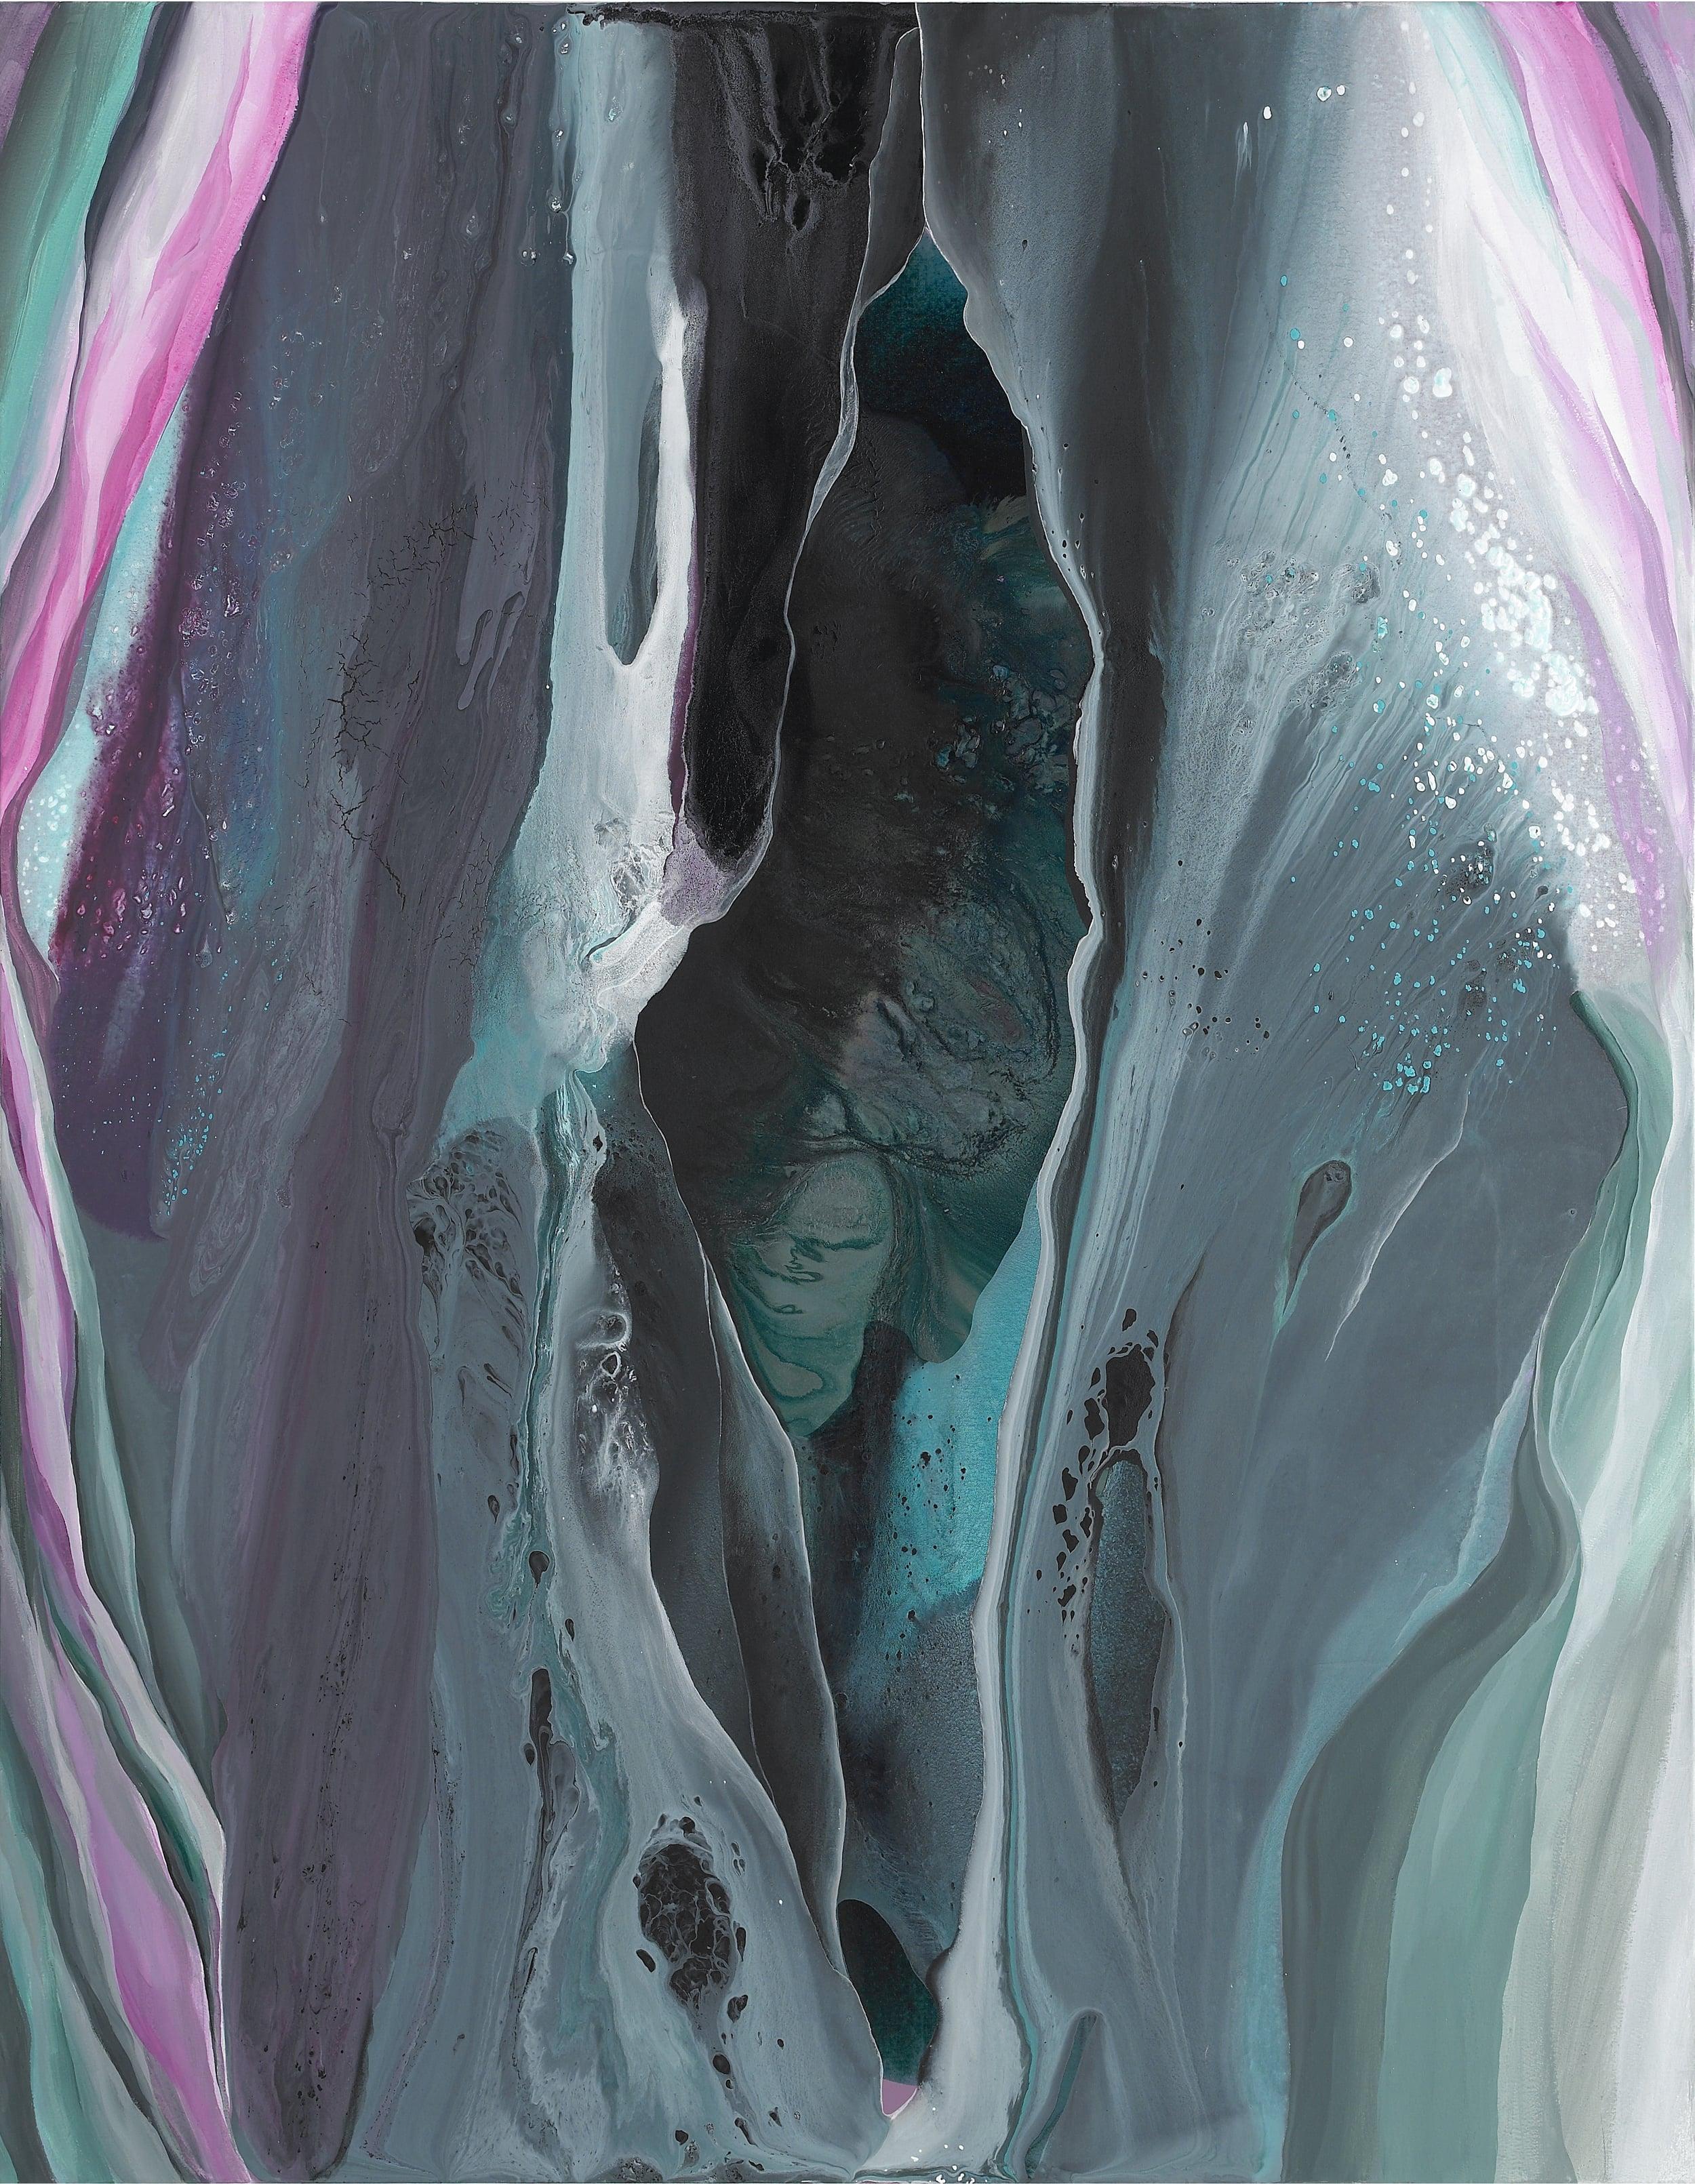 figure_36  acrylic on canvas  80 cm X 116.7 cm  2014